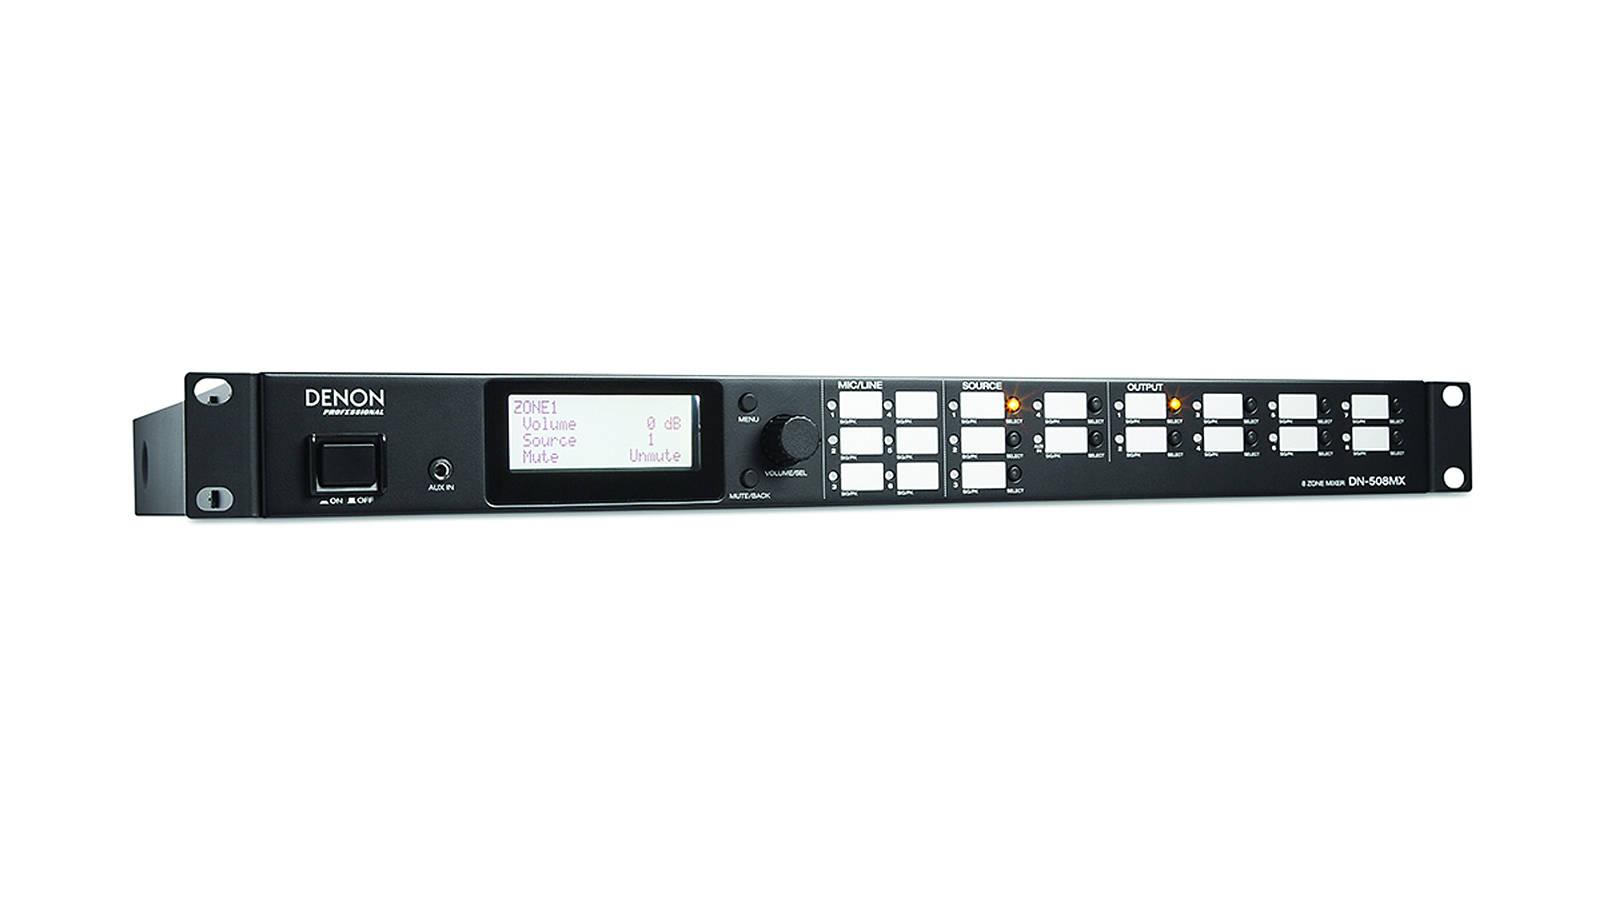 Denon Pro DN-508MX 8-Zonen Mixer mit Browsersteuerung